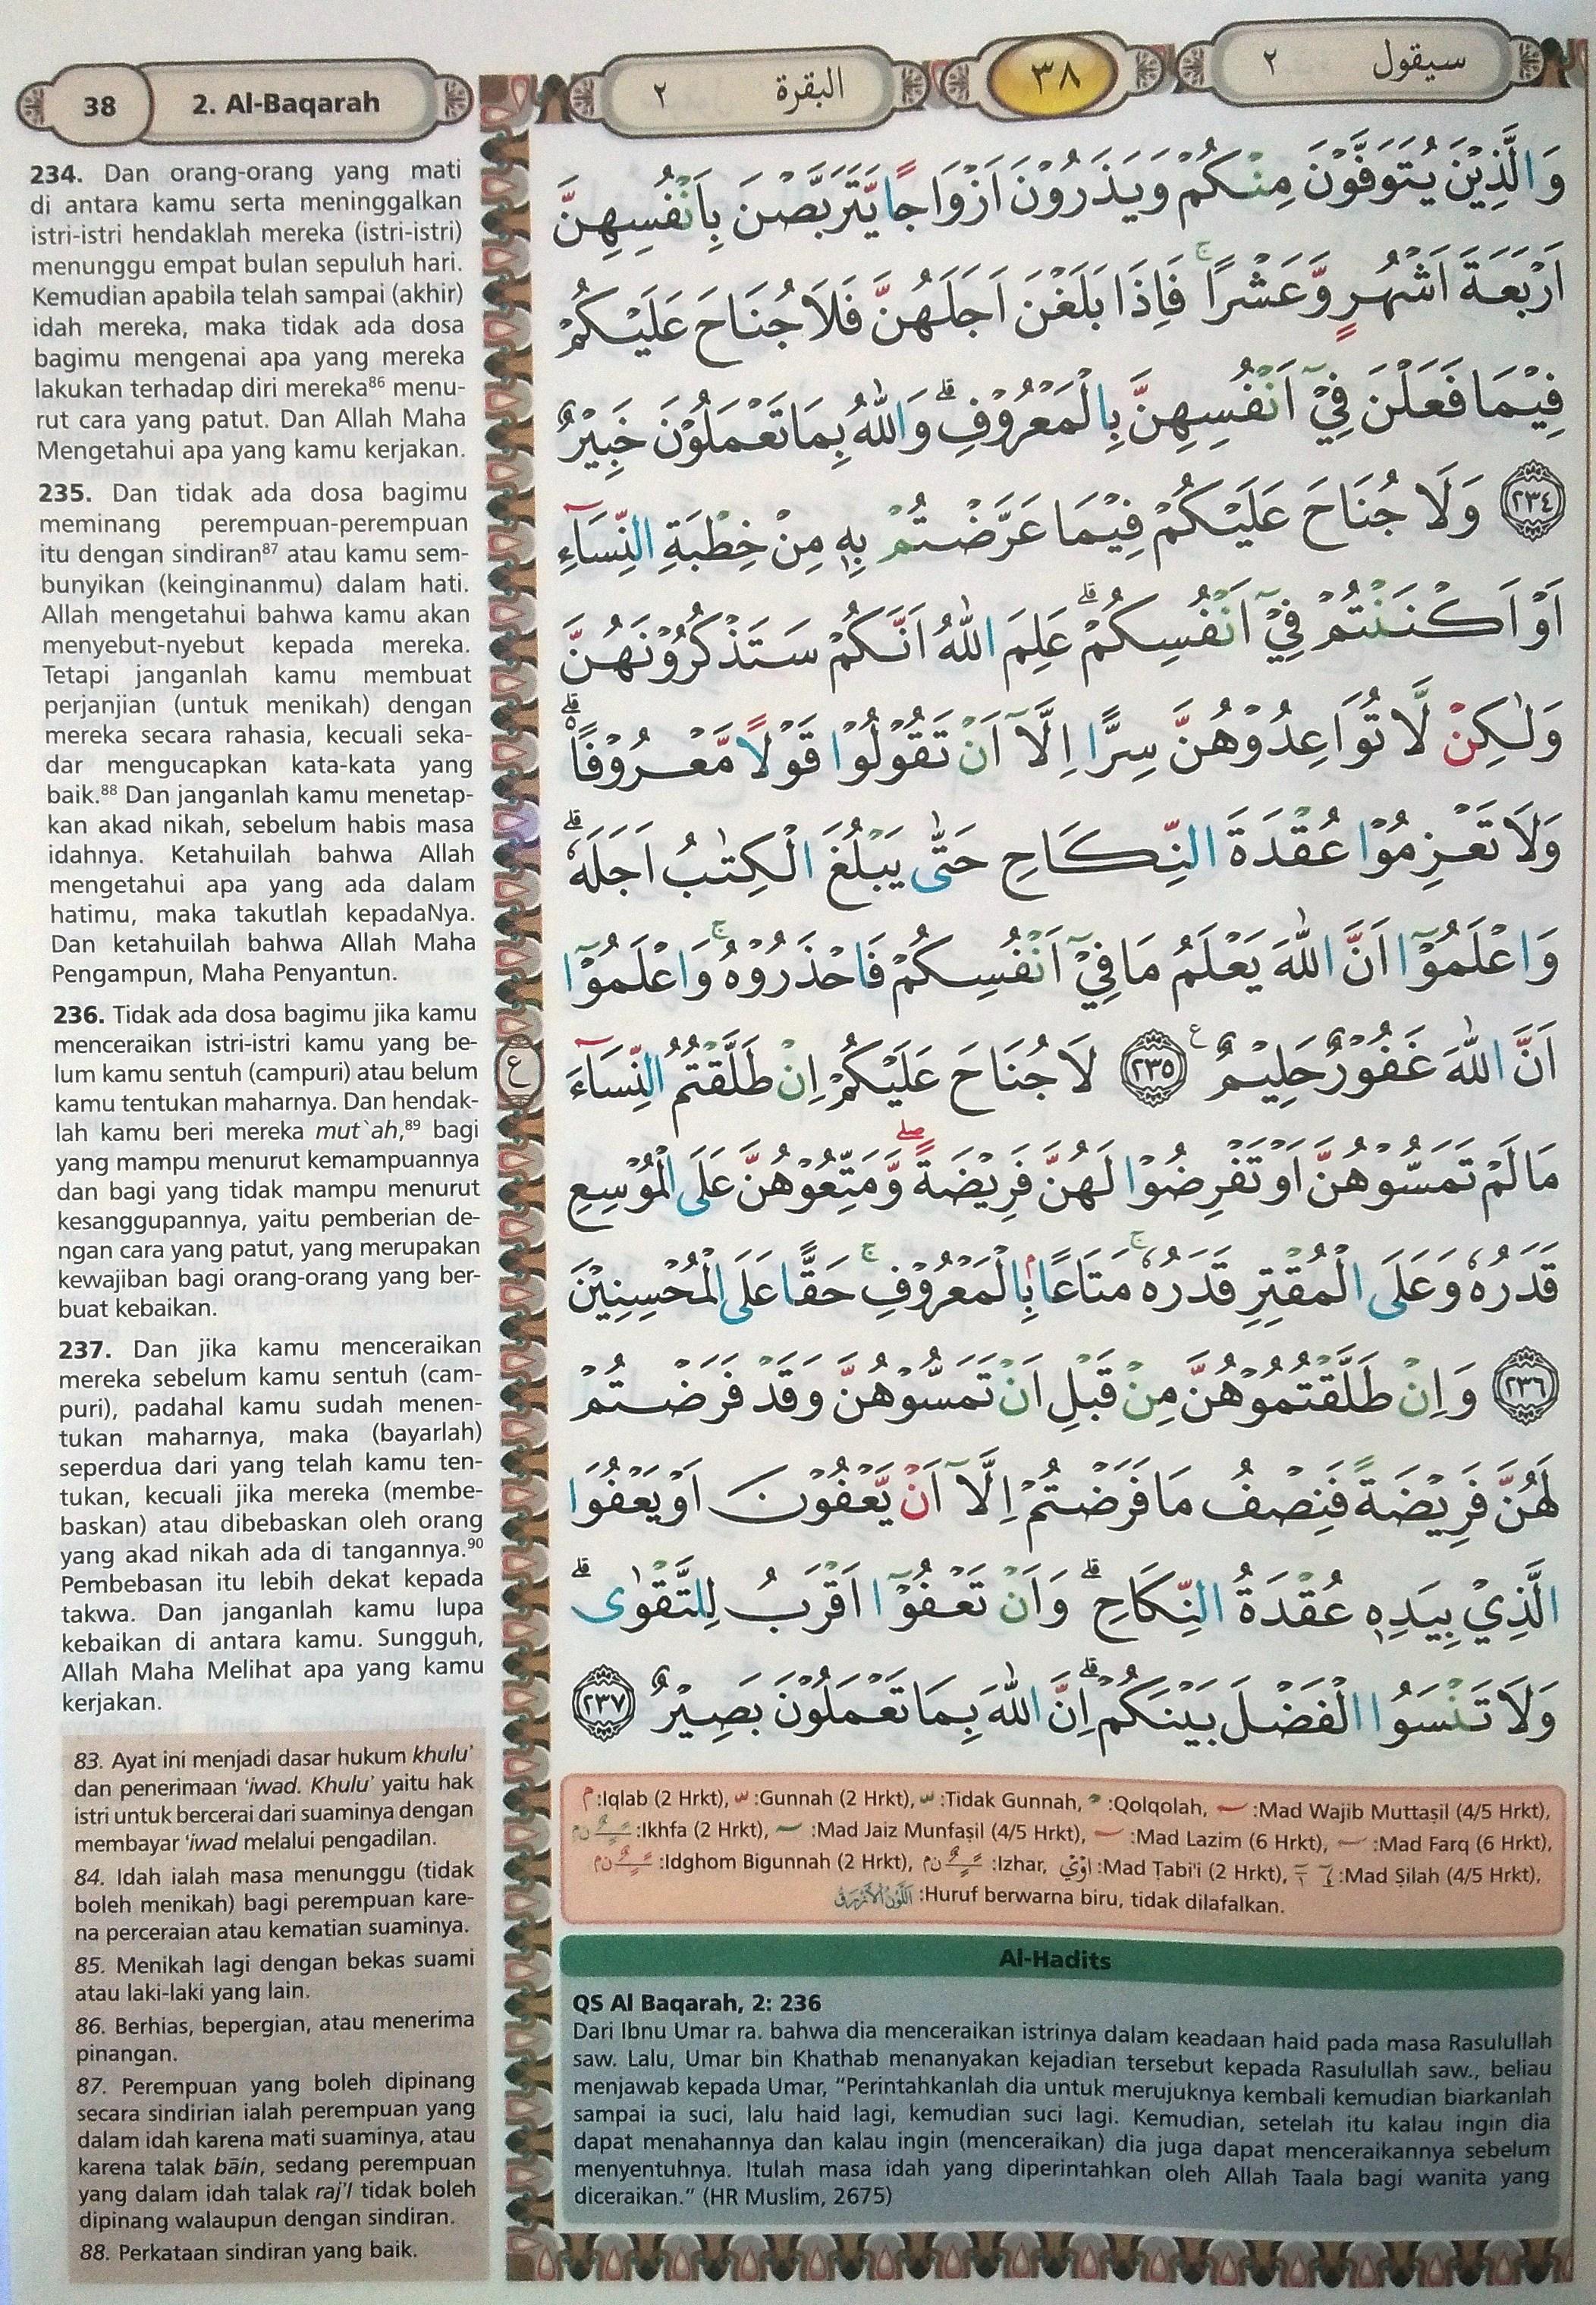 Al Baqarah 234-237